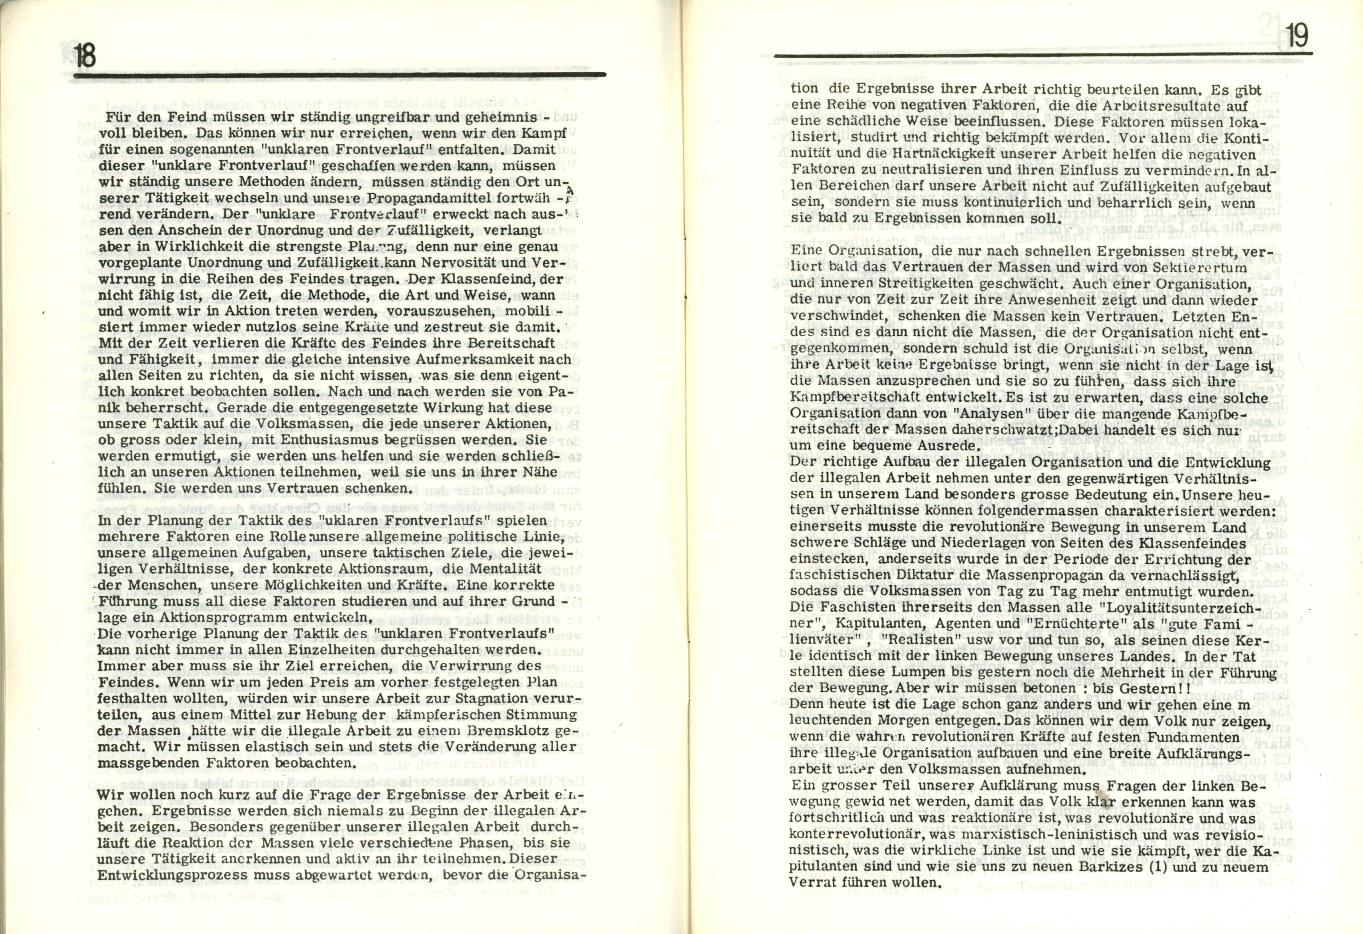 Griechenland_Griechische_ML_1971_Dokumente_01_10